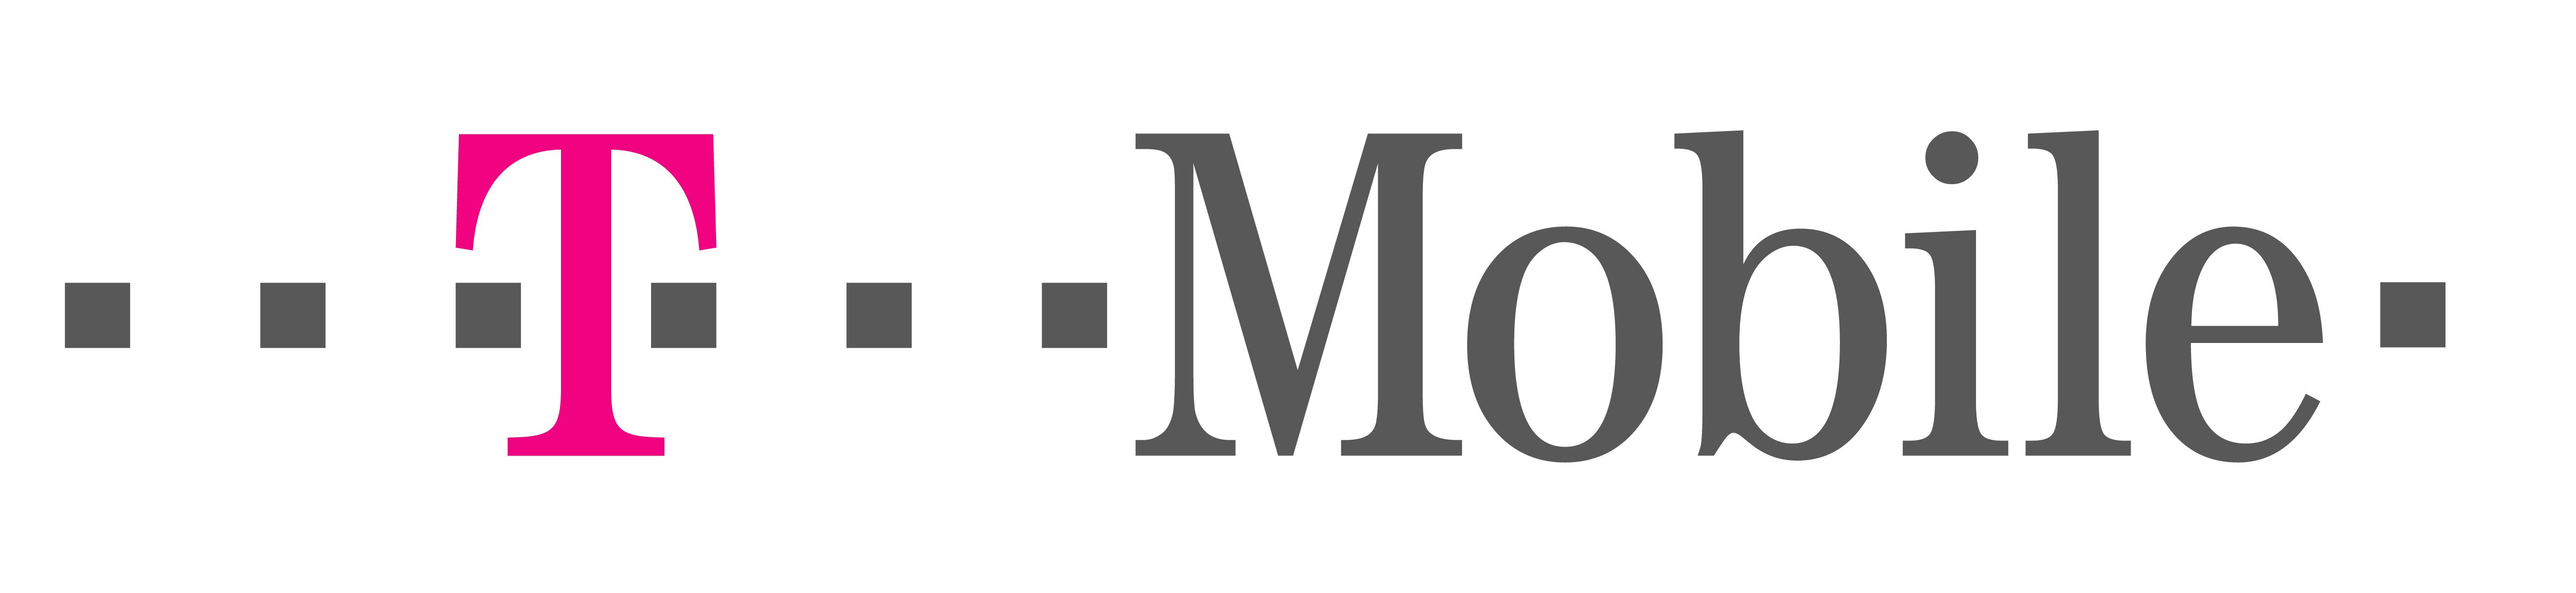 250 dni T-mobile – szczegółowa analiza i ocena giganta w debiutanckim artykule na blog forum.